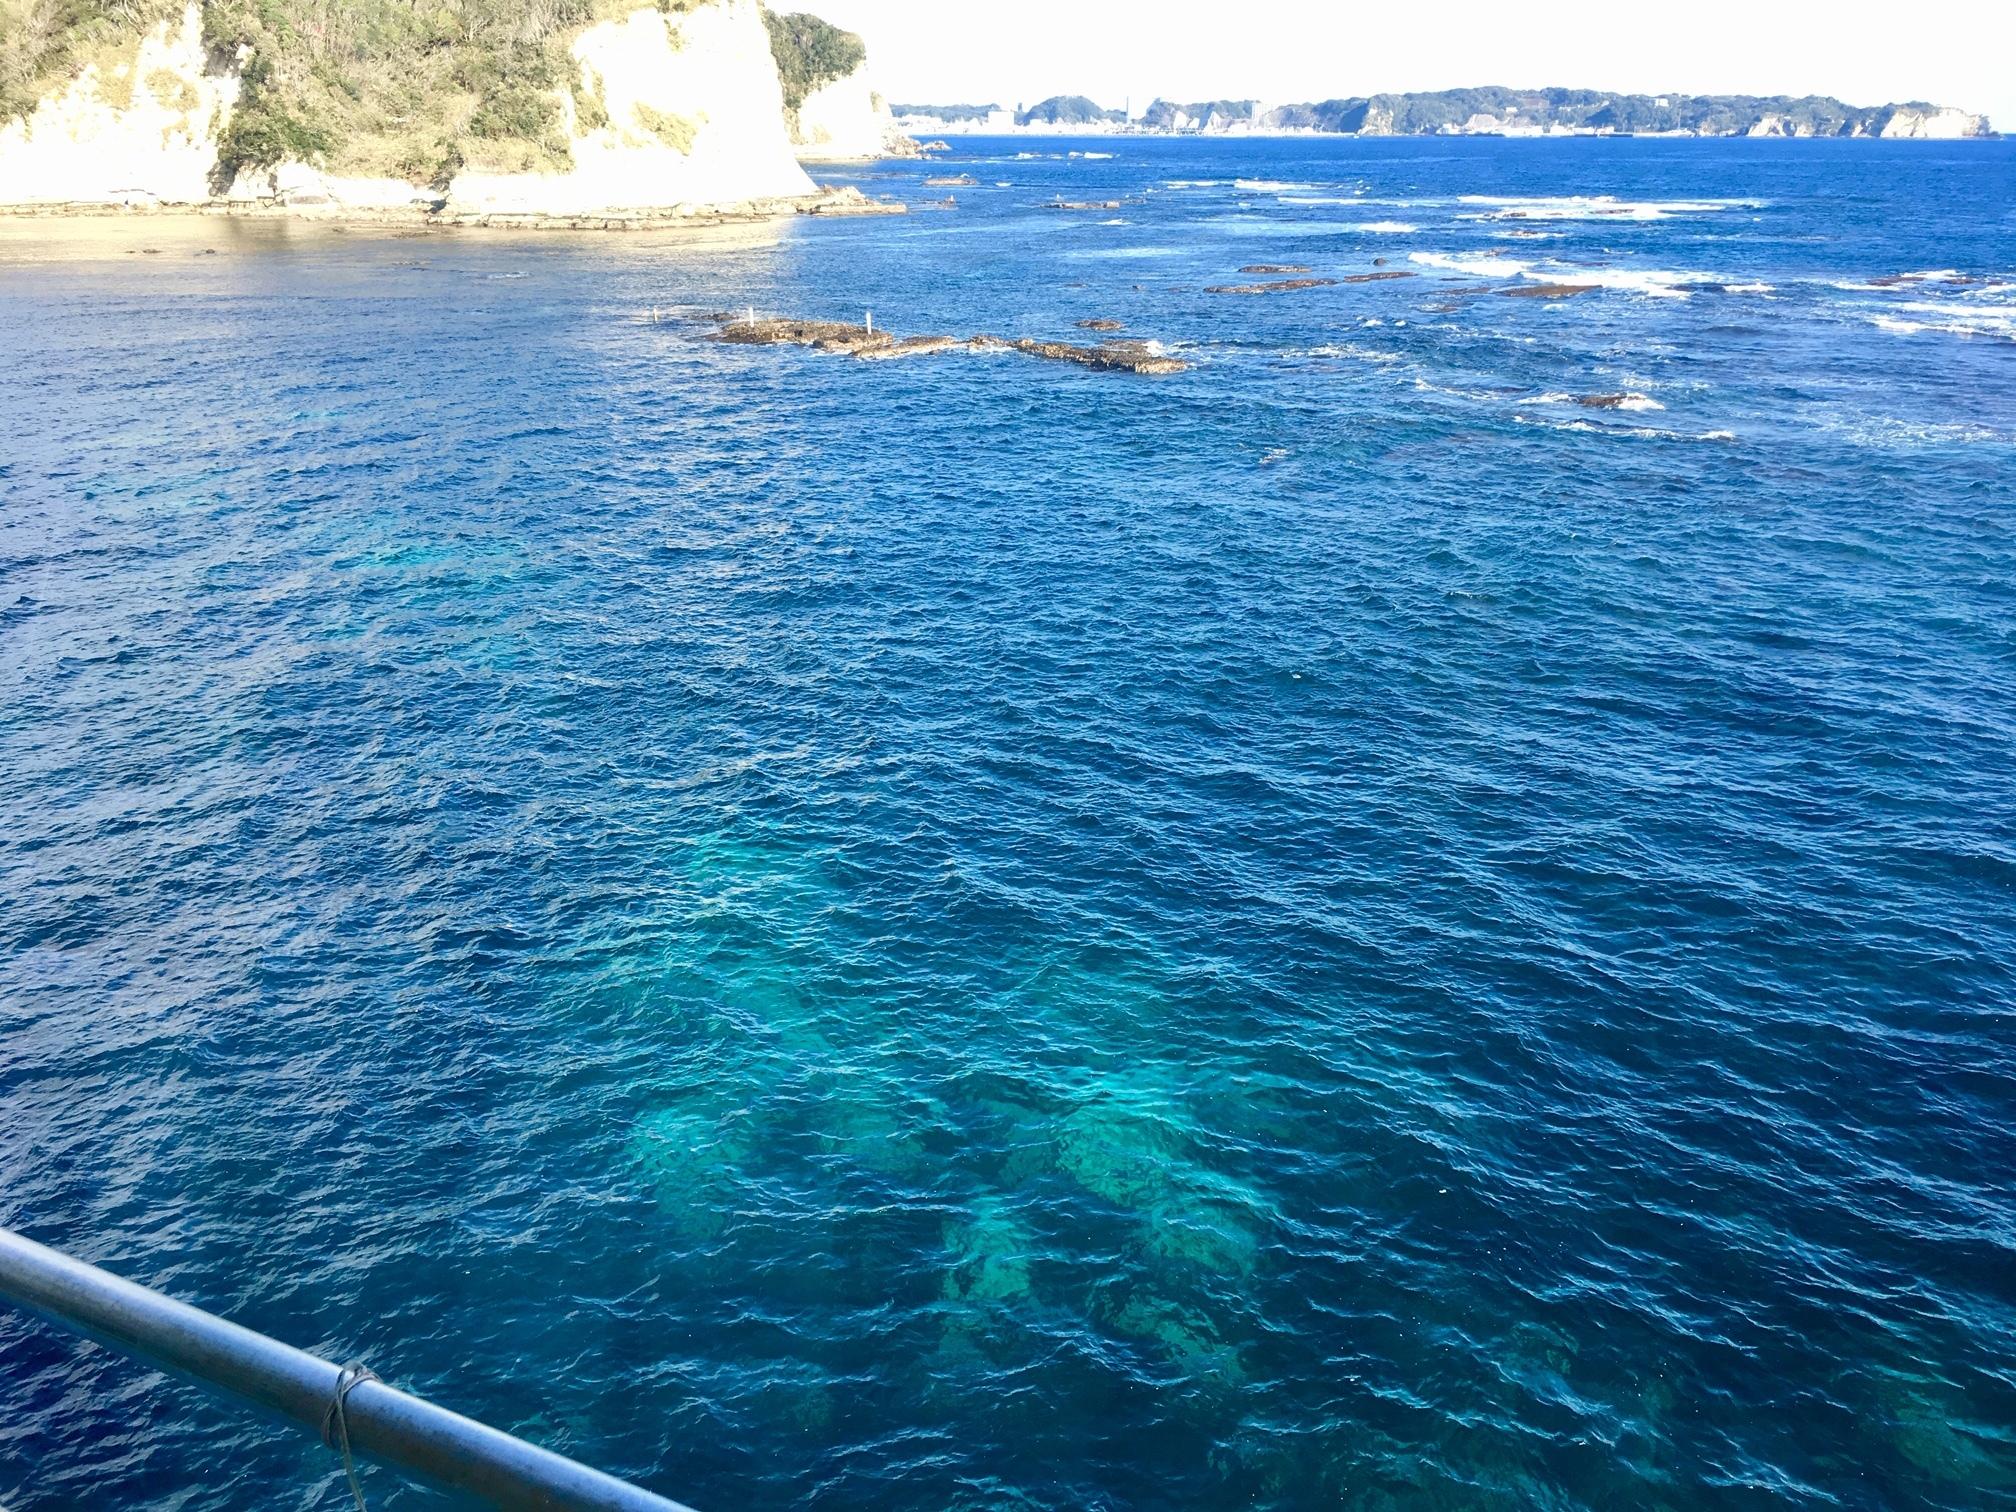 個人撮影:勝浦の海、透明度のわかる写真採用